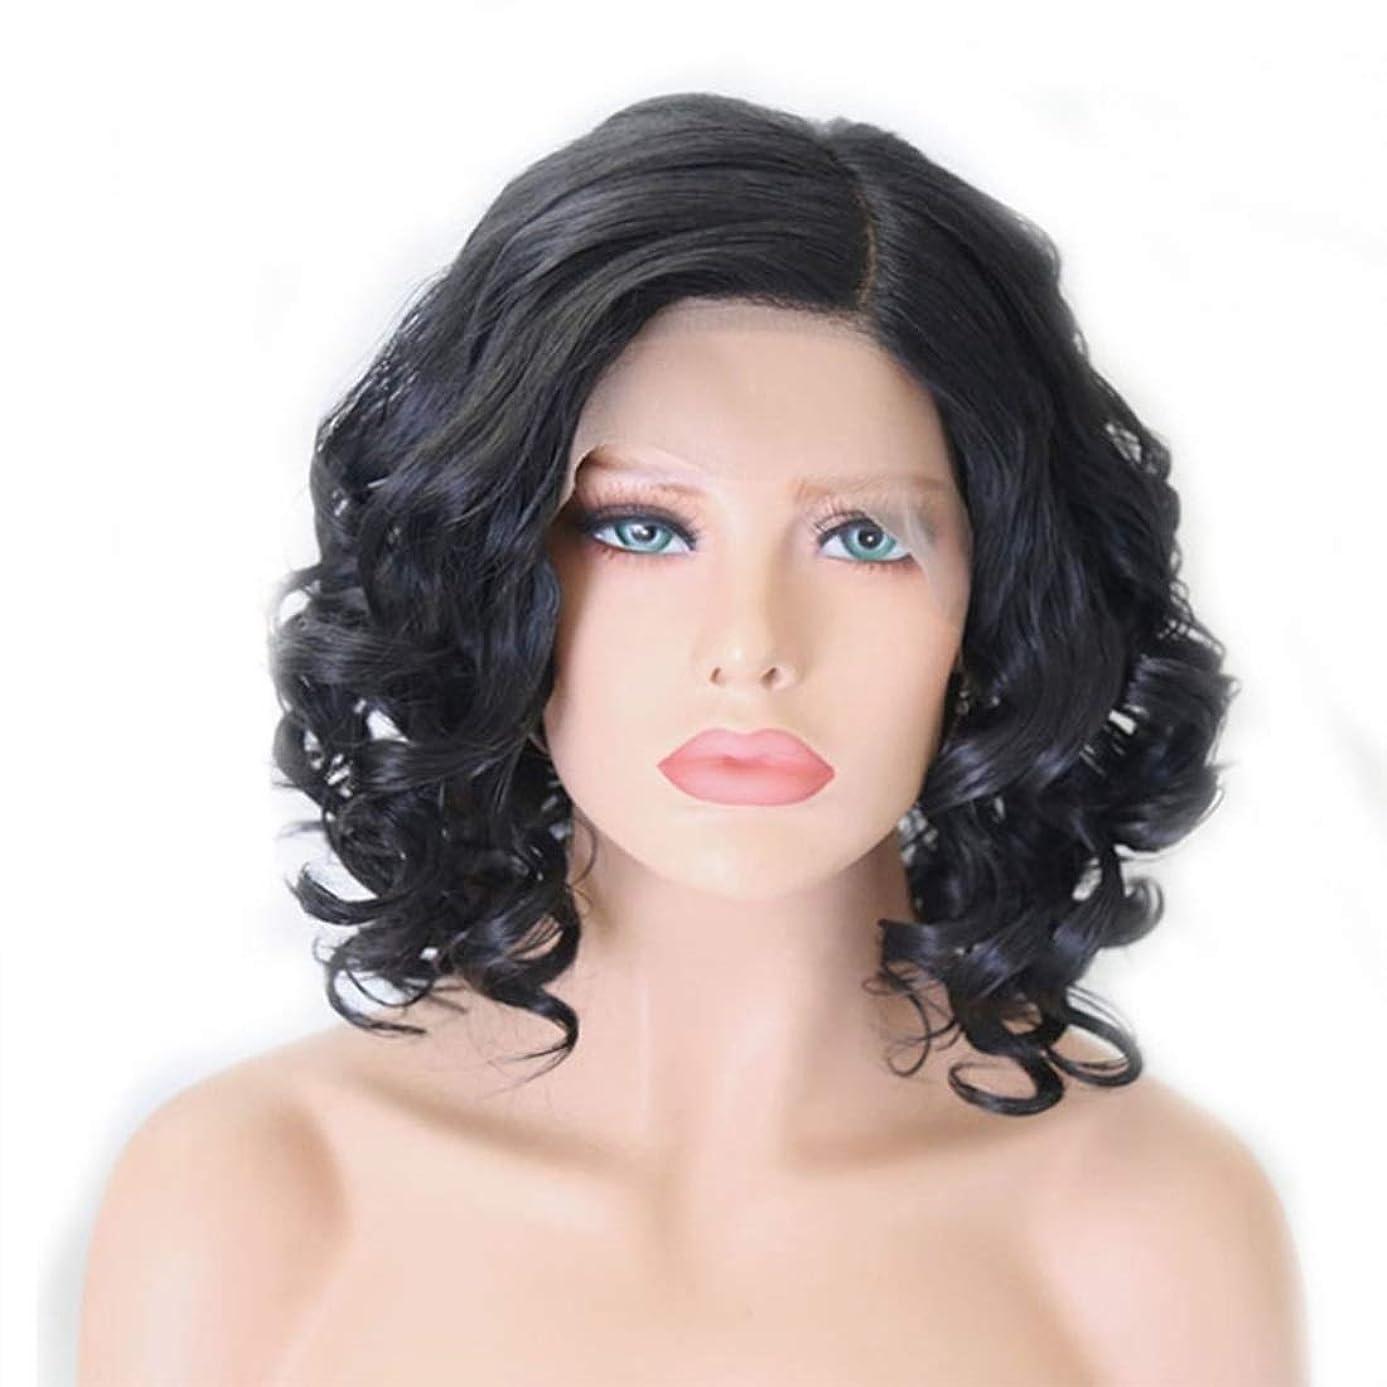 魔術師改善サーカスSummerys フロントレースかつら女性のための短い巻き毛のふわふわ高温シルクケミカルファイバーウィッグ (Color : Black, Size : 26 inches)